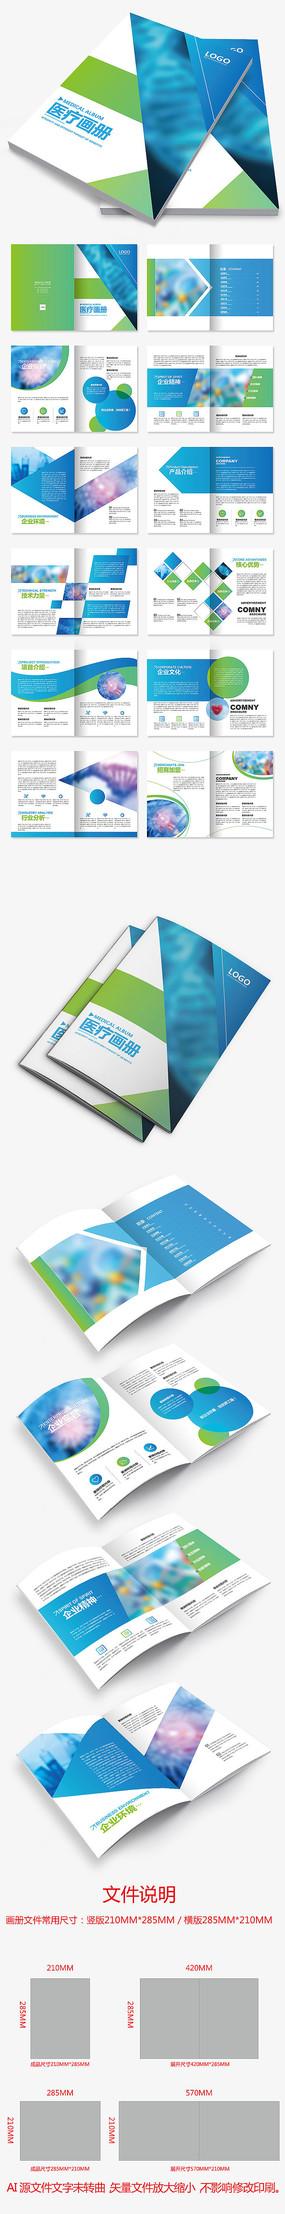 蓝绿色医疗医生医院医药生物制药画册